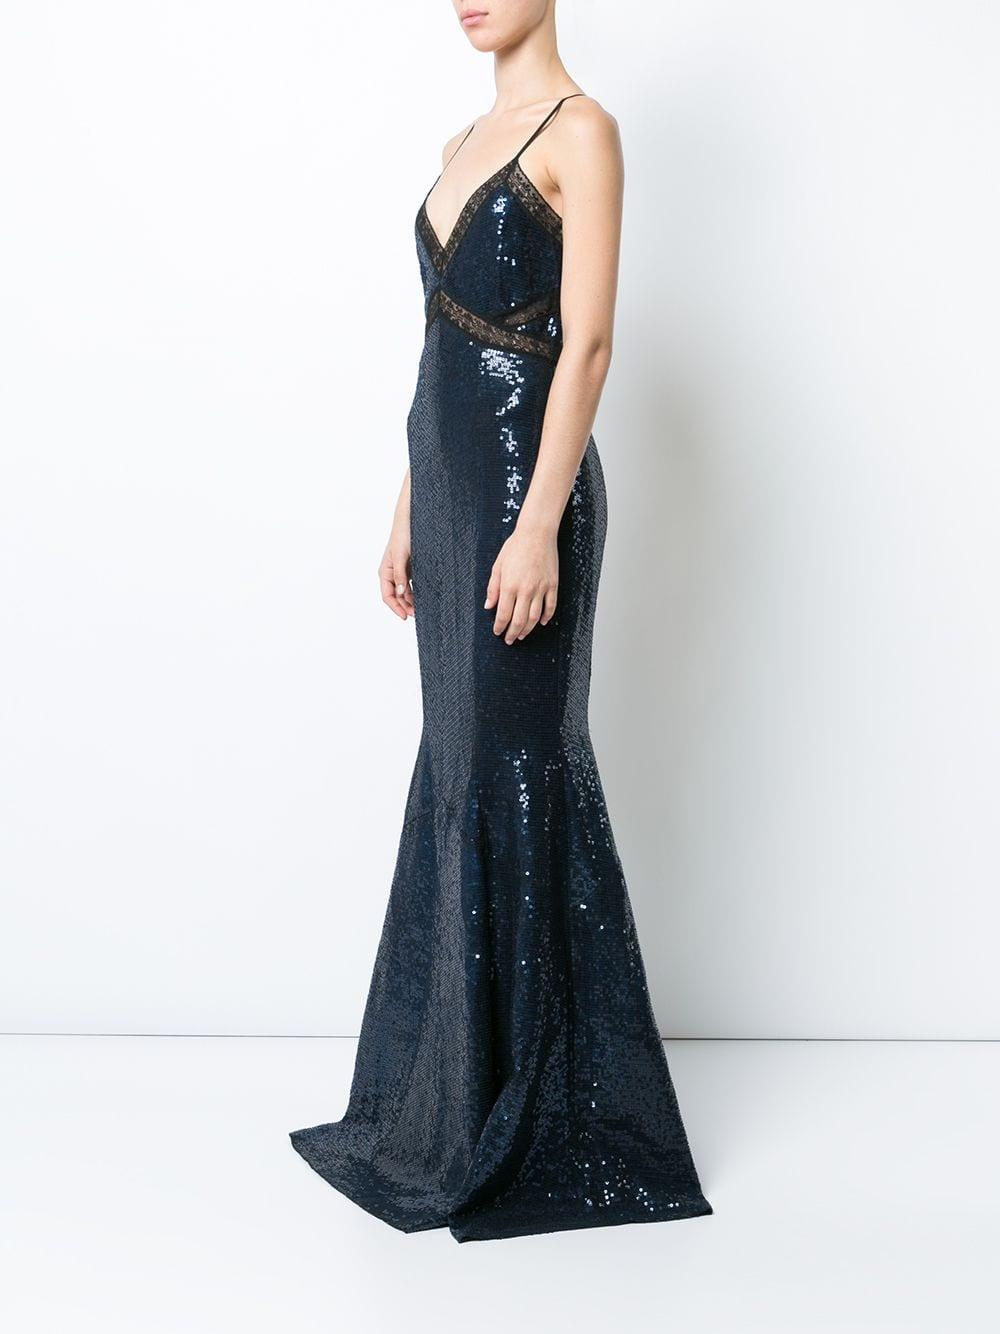 15 Luxus Abendkleider Pailletten Damen Kleider DesignDesigner Einfach Abendkleider Pailletten Damen Kleider Vertrieb